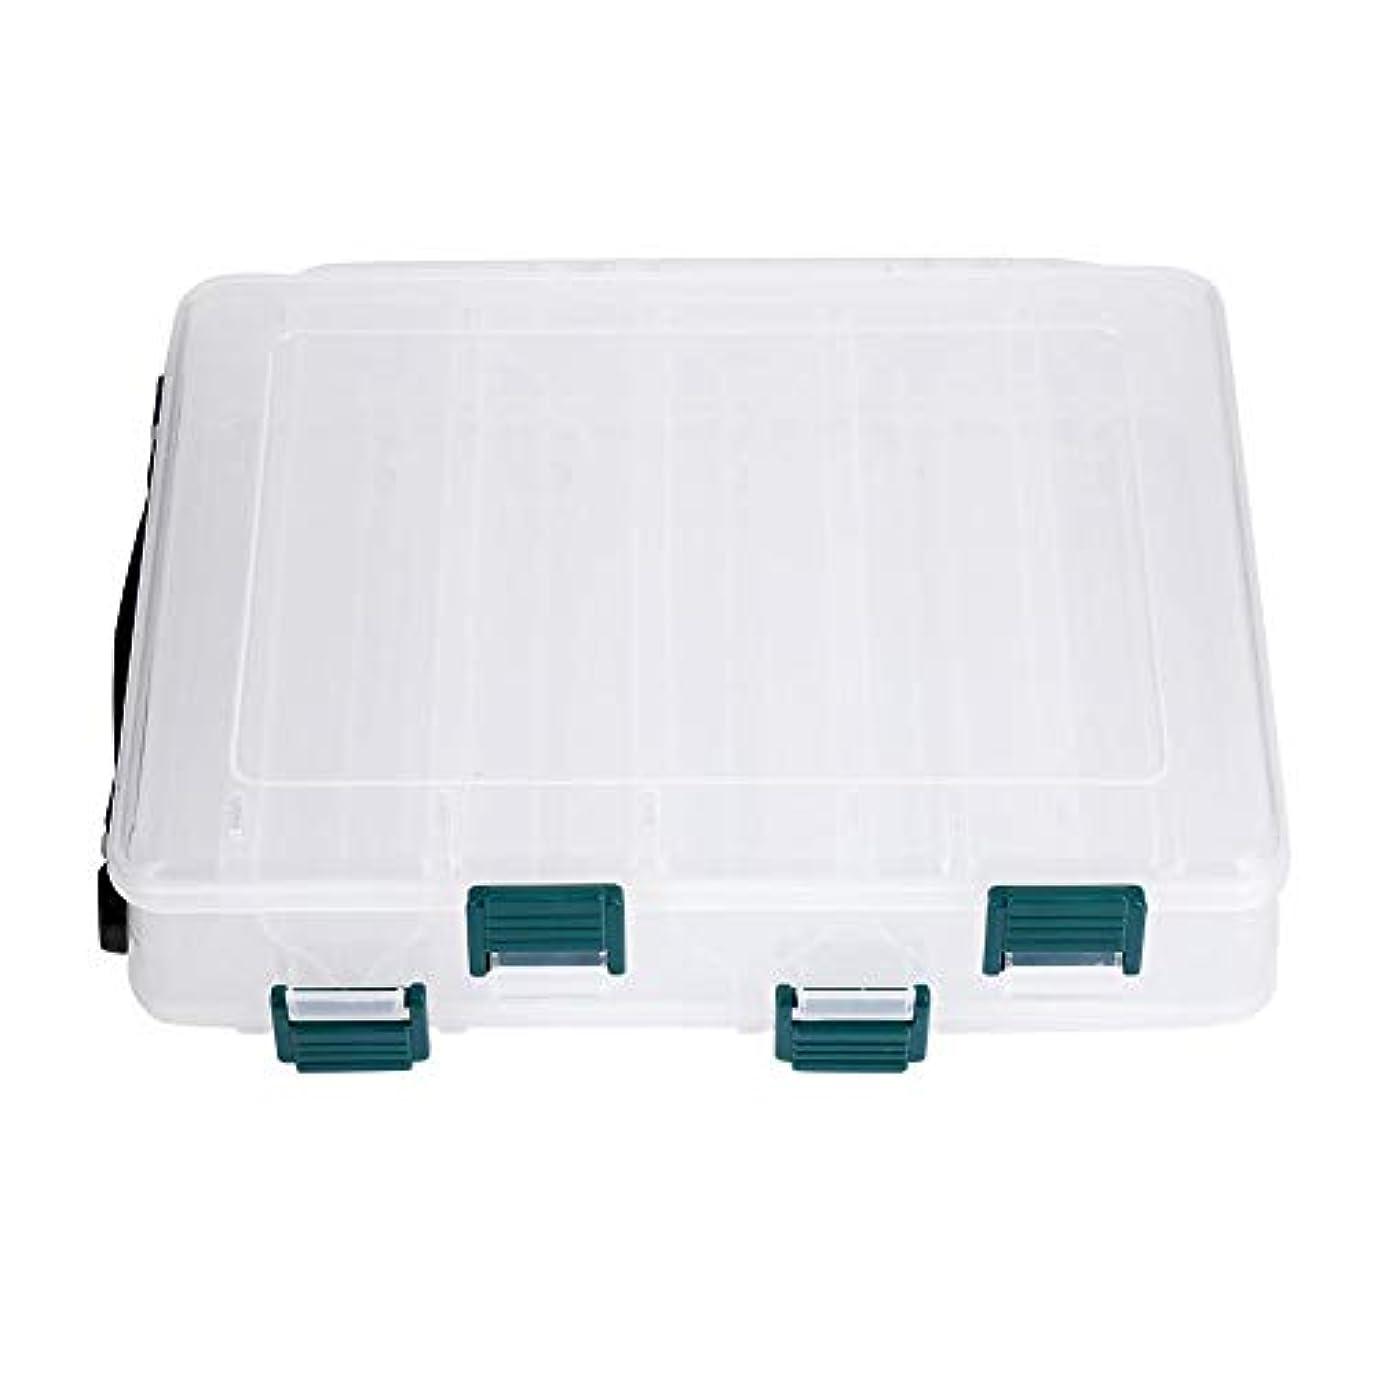 敬礼余剰通知するフィッシングタックルボックス 2層10/14スロット ルアーフックベイト 収納ボックス 釣り アクセサリーボックス ストレージコンテナ ポータブル 大容量